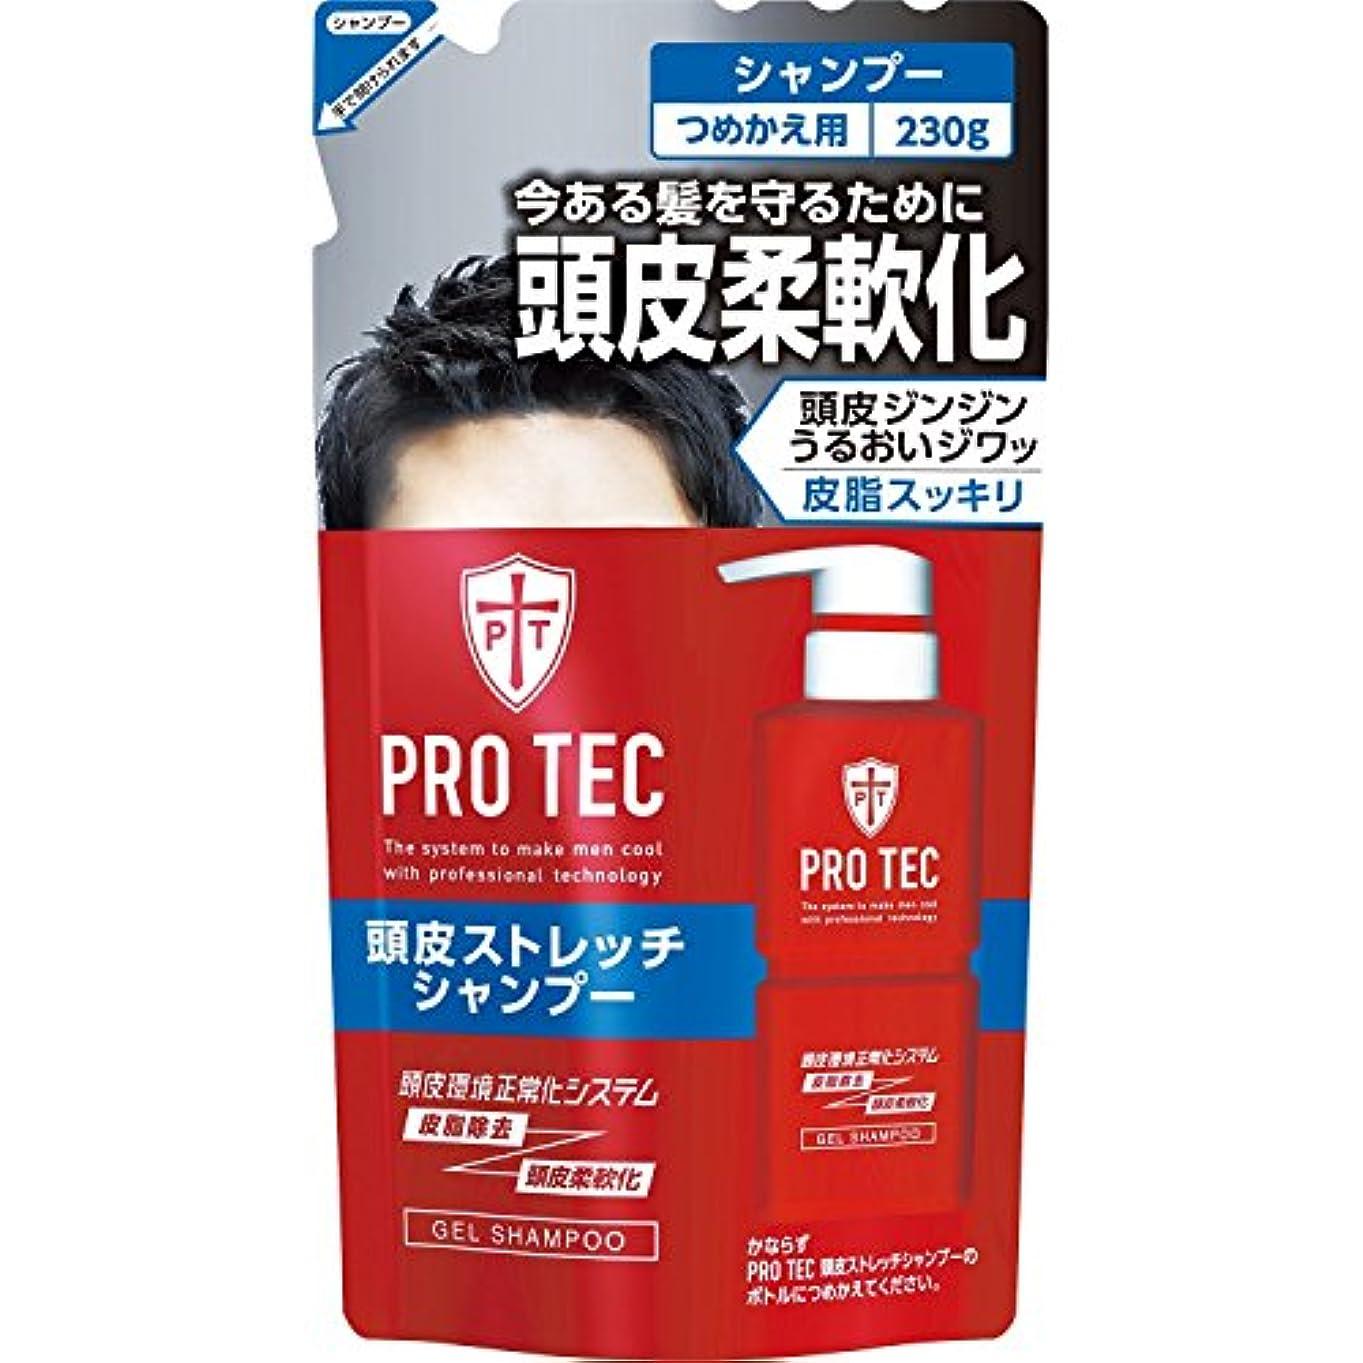 持続的下につぶすPRO TEC(プロテク) 頭皮ストレッチ シャンプー 詰め替え 230g(医薬部外品)